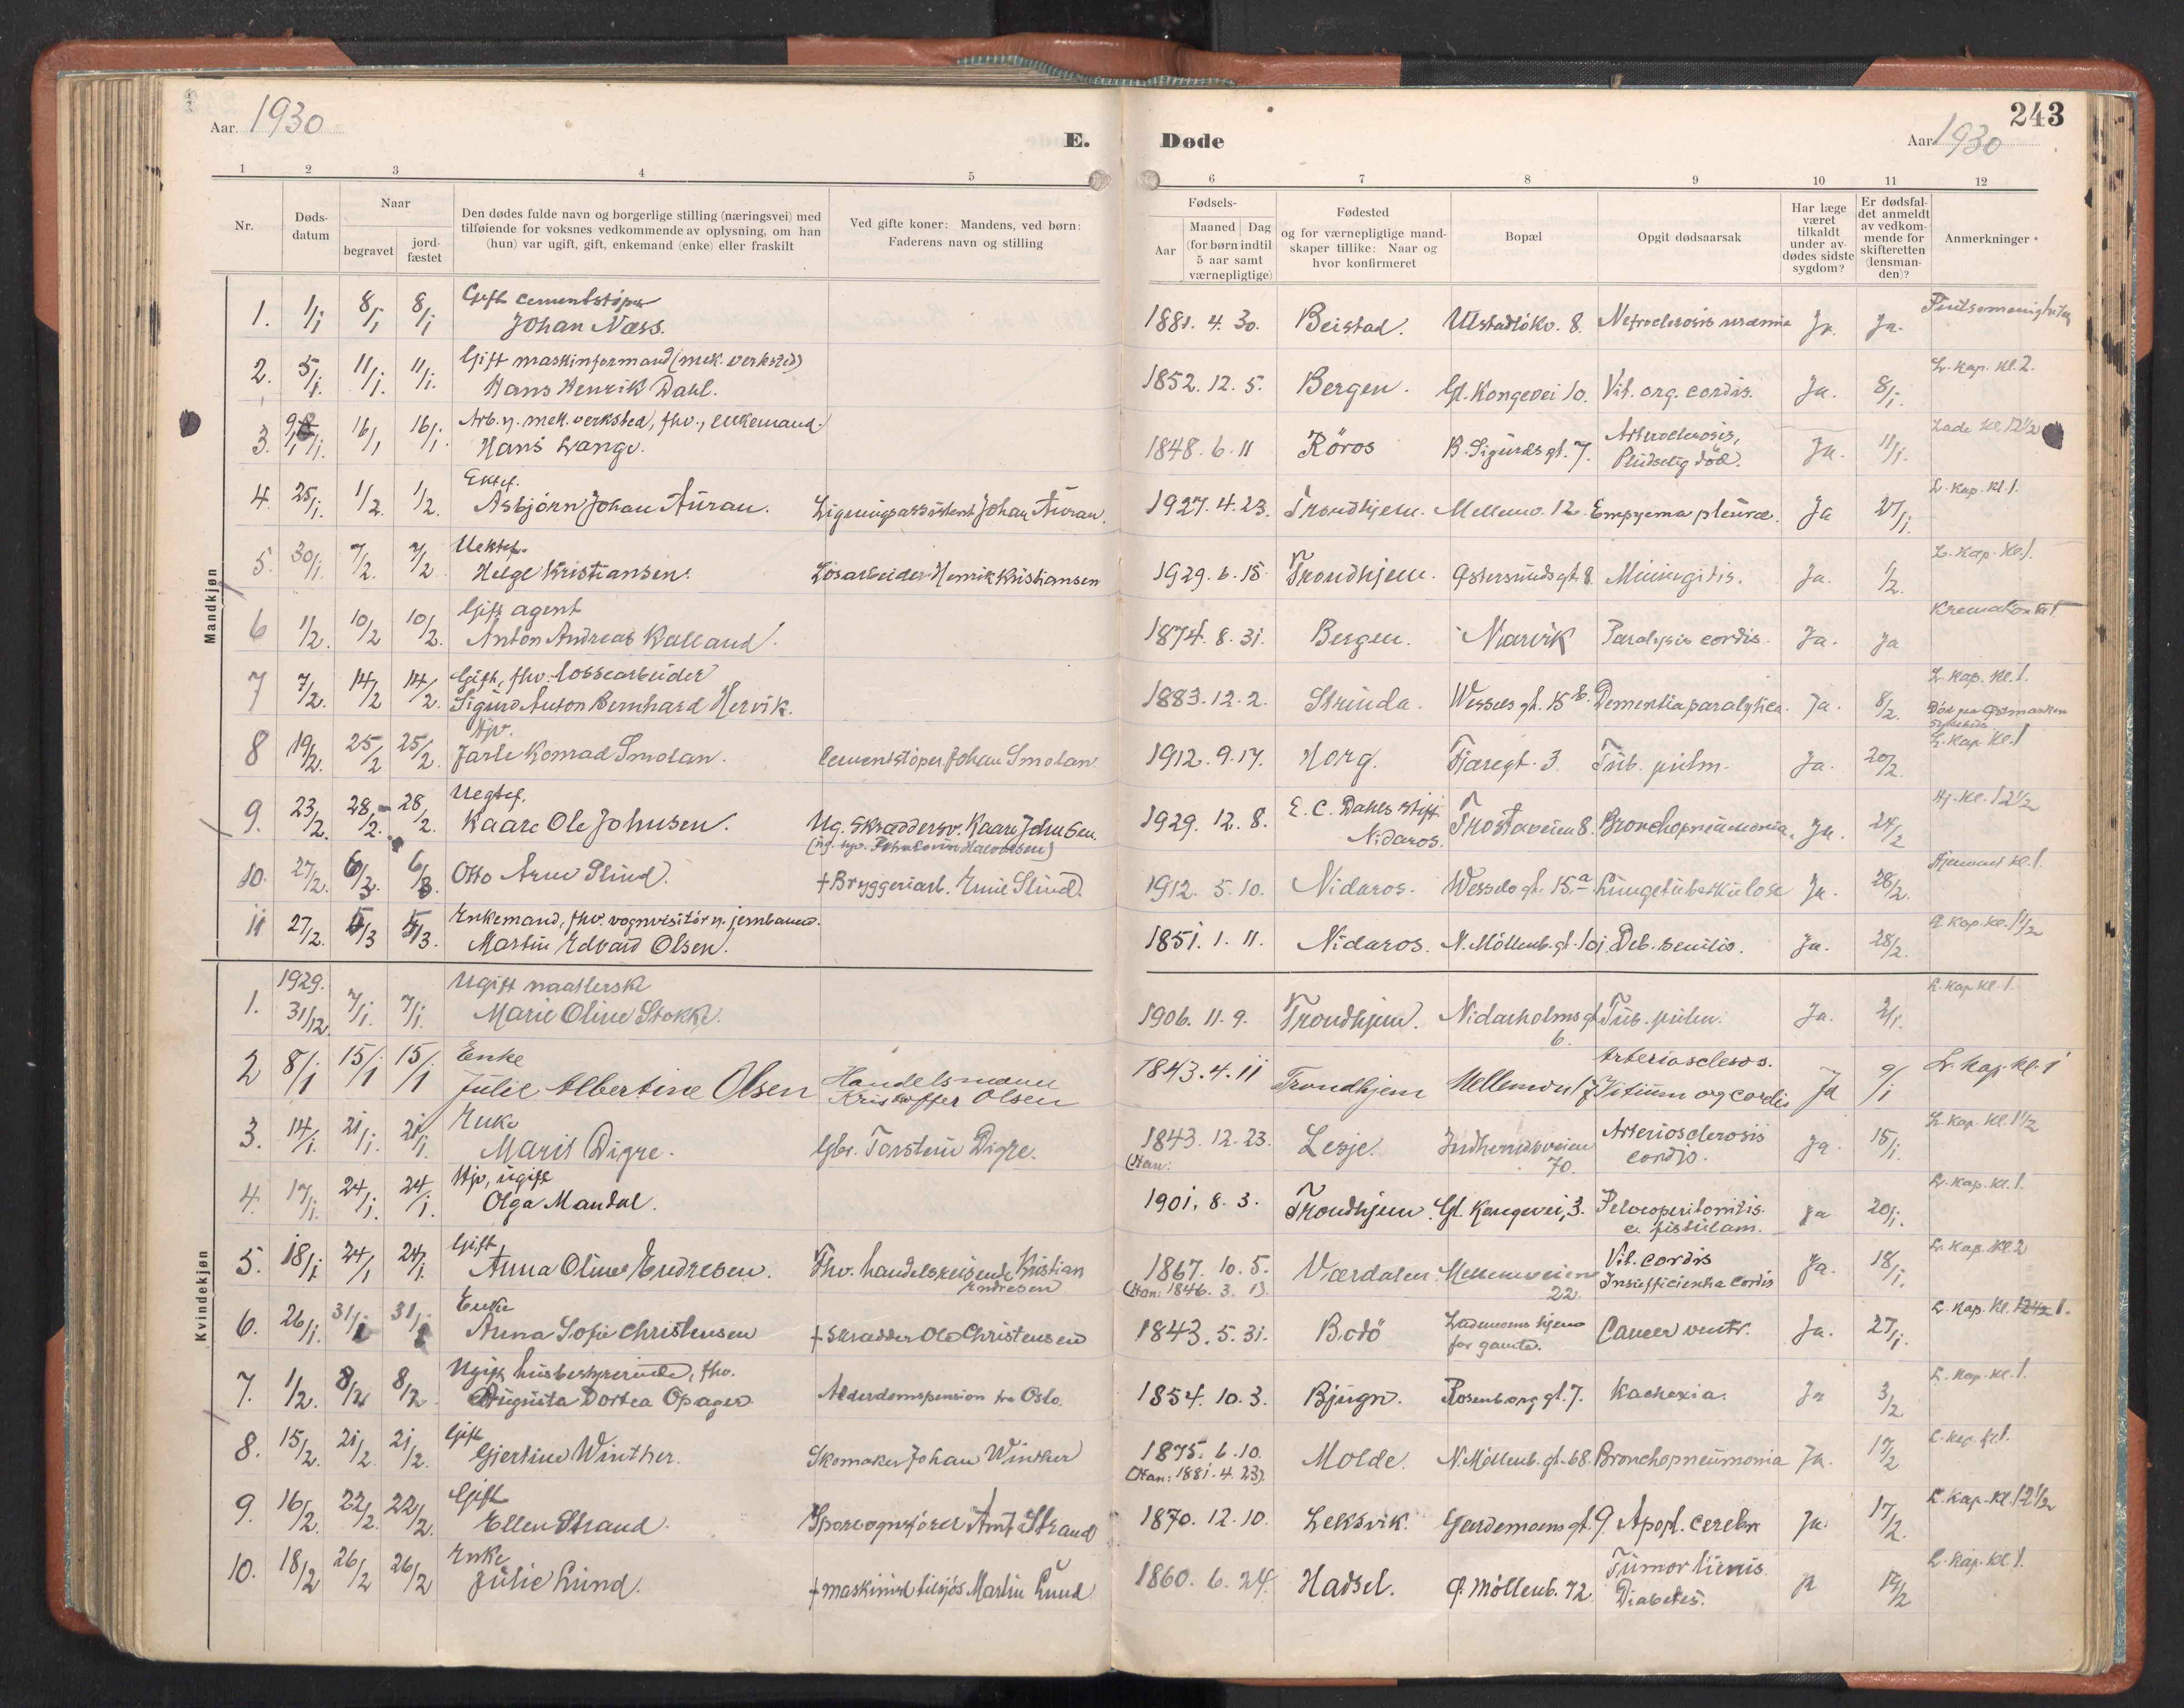 SAT, Ministerialprotokoller, klokkerbøker og fødselsregistre - Sør-Trøndelag, 605/L0245: Ministerialbok nr. 605A07, 1916-1938, s. 243